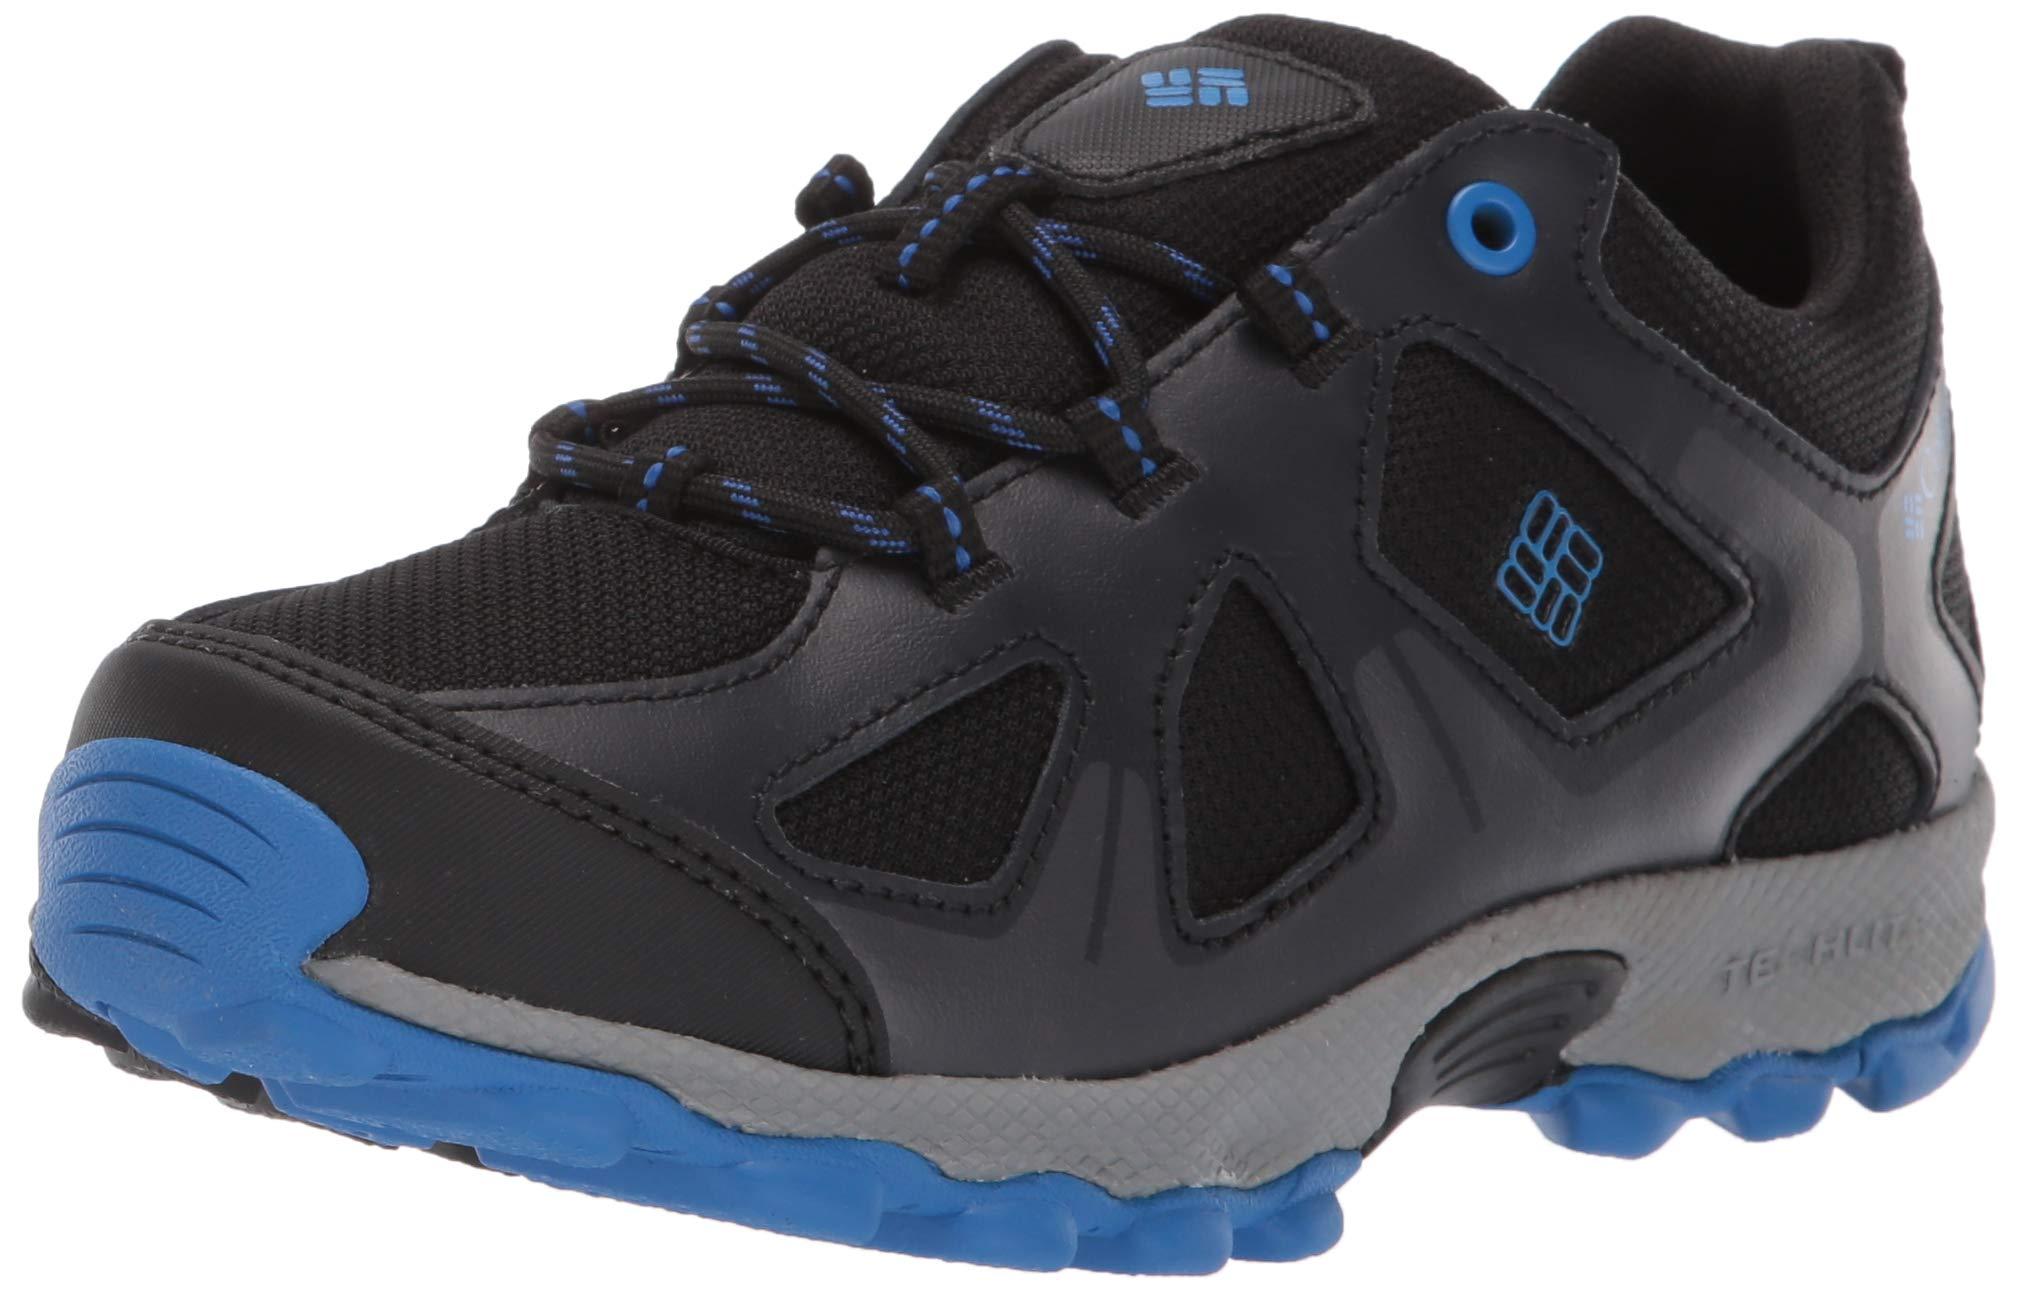 Columbia Unisex Youth Peakfreak XCRSN Waterproof Hiking Shoe Black, Stormy Blue 4 Regular US Big Kid